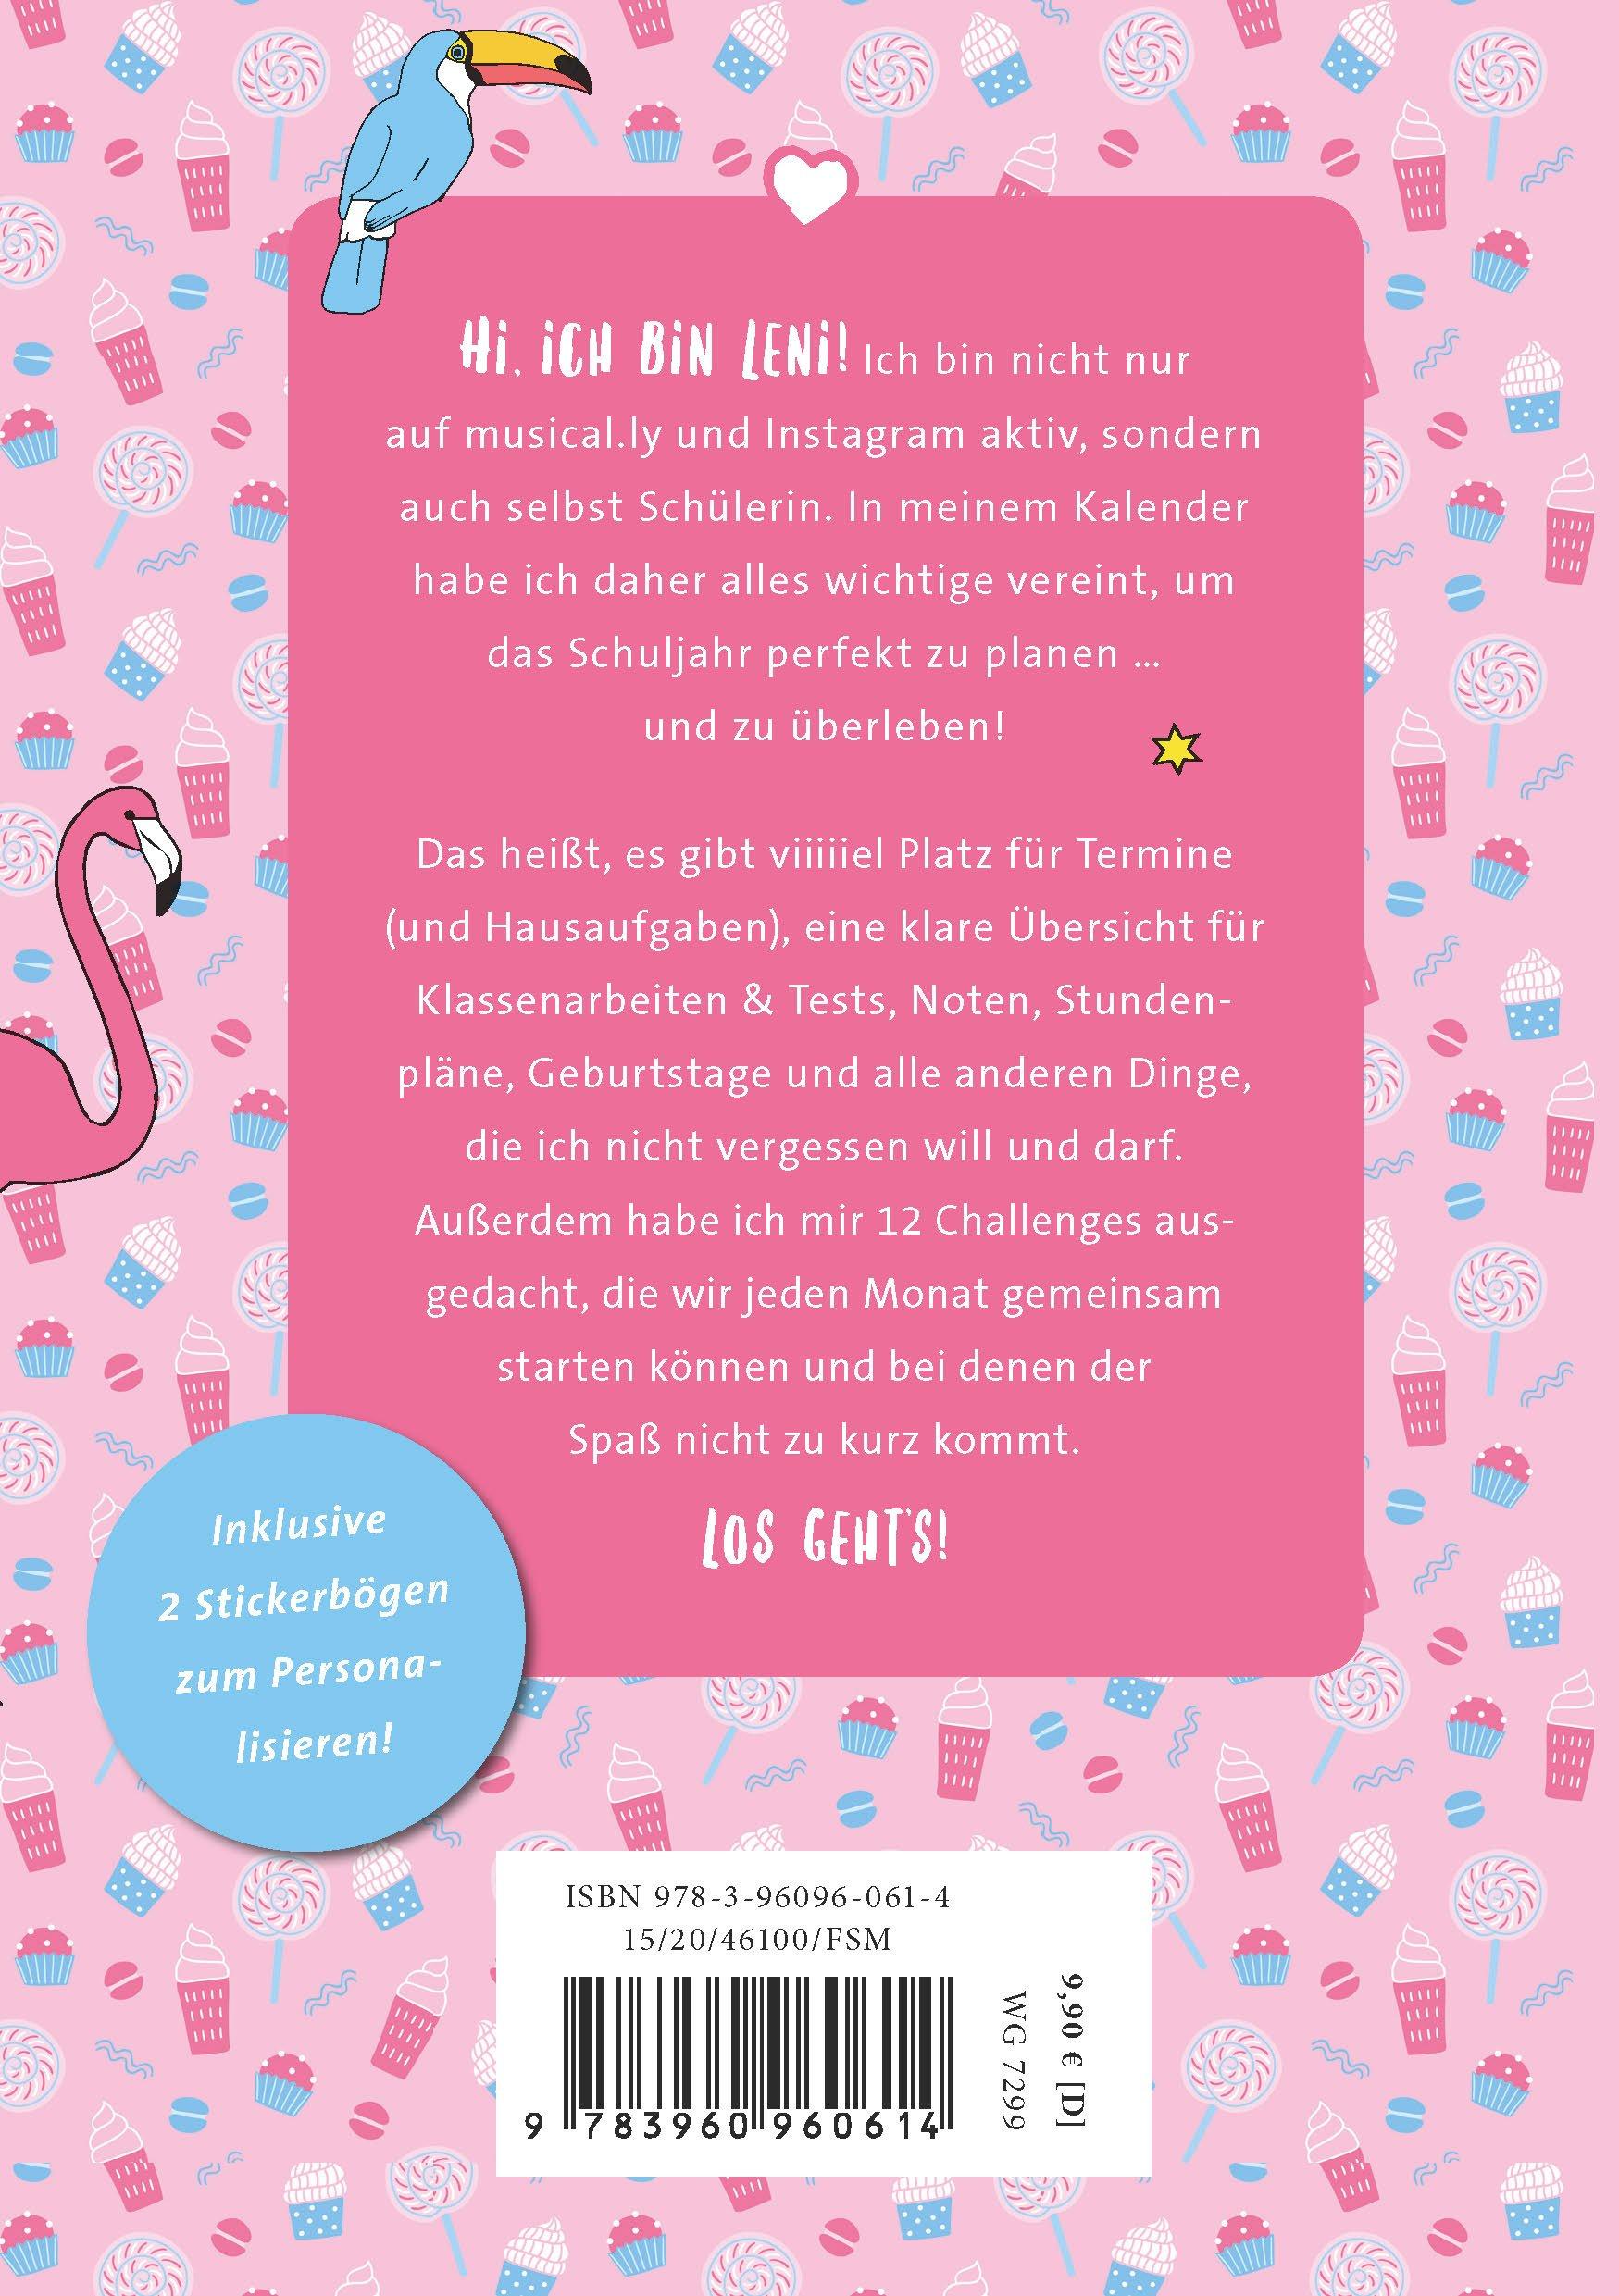 Schülerkalender 2018/2019: von Leni Marie: Amazon.de: lenimariee: Bücher